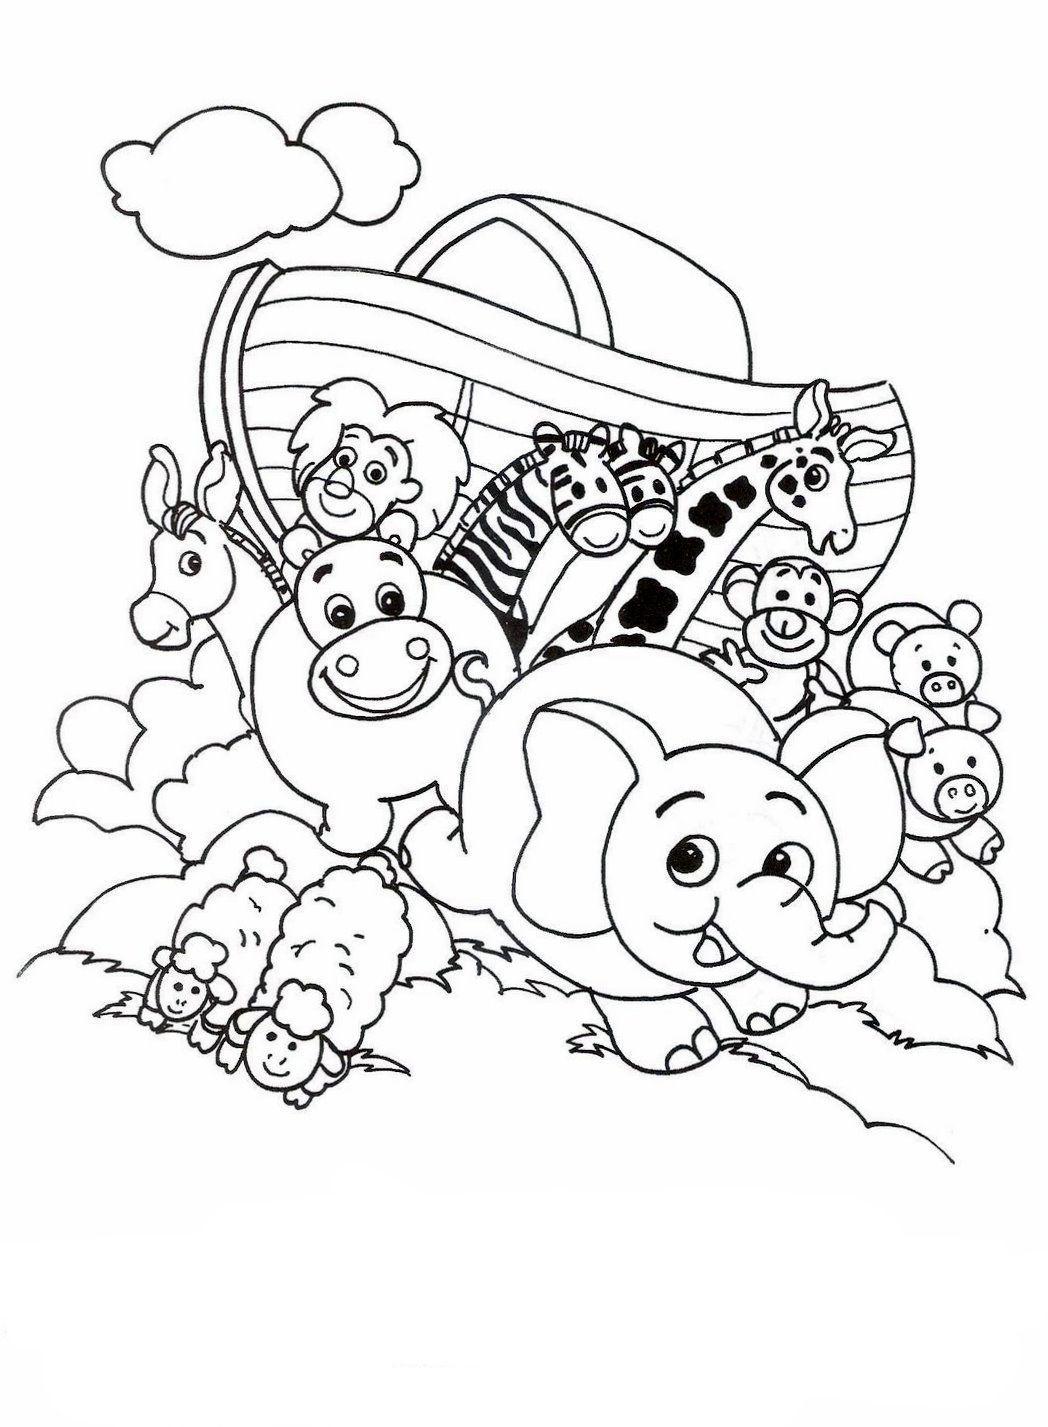 Desenhos da arca de noé para colorir